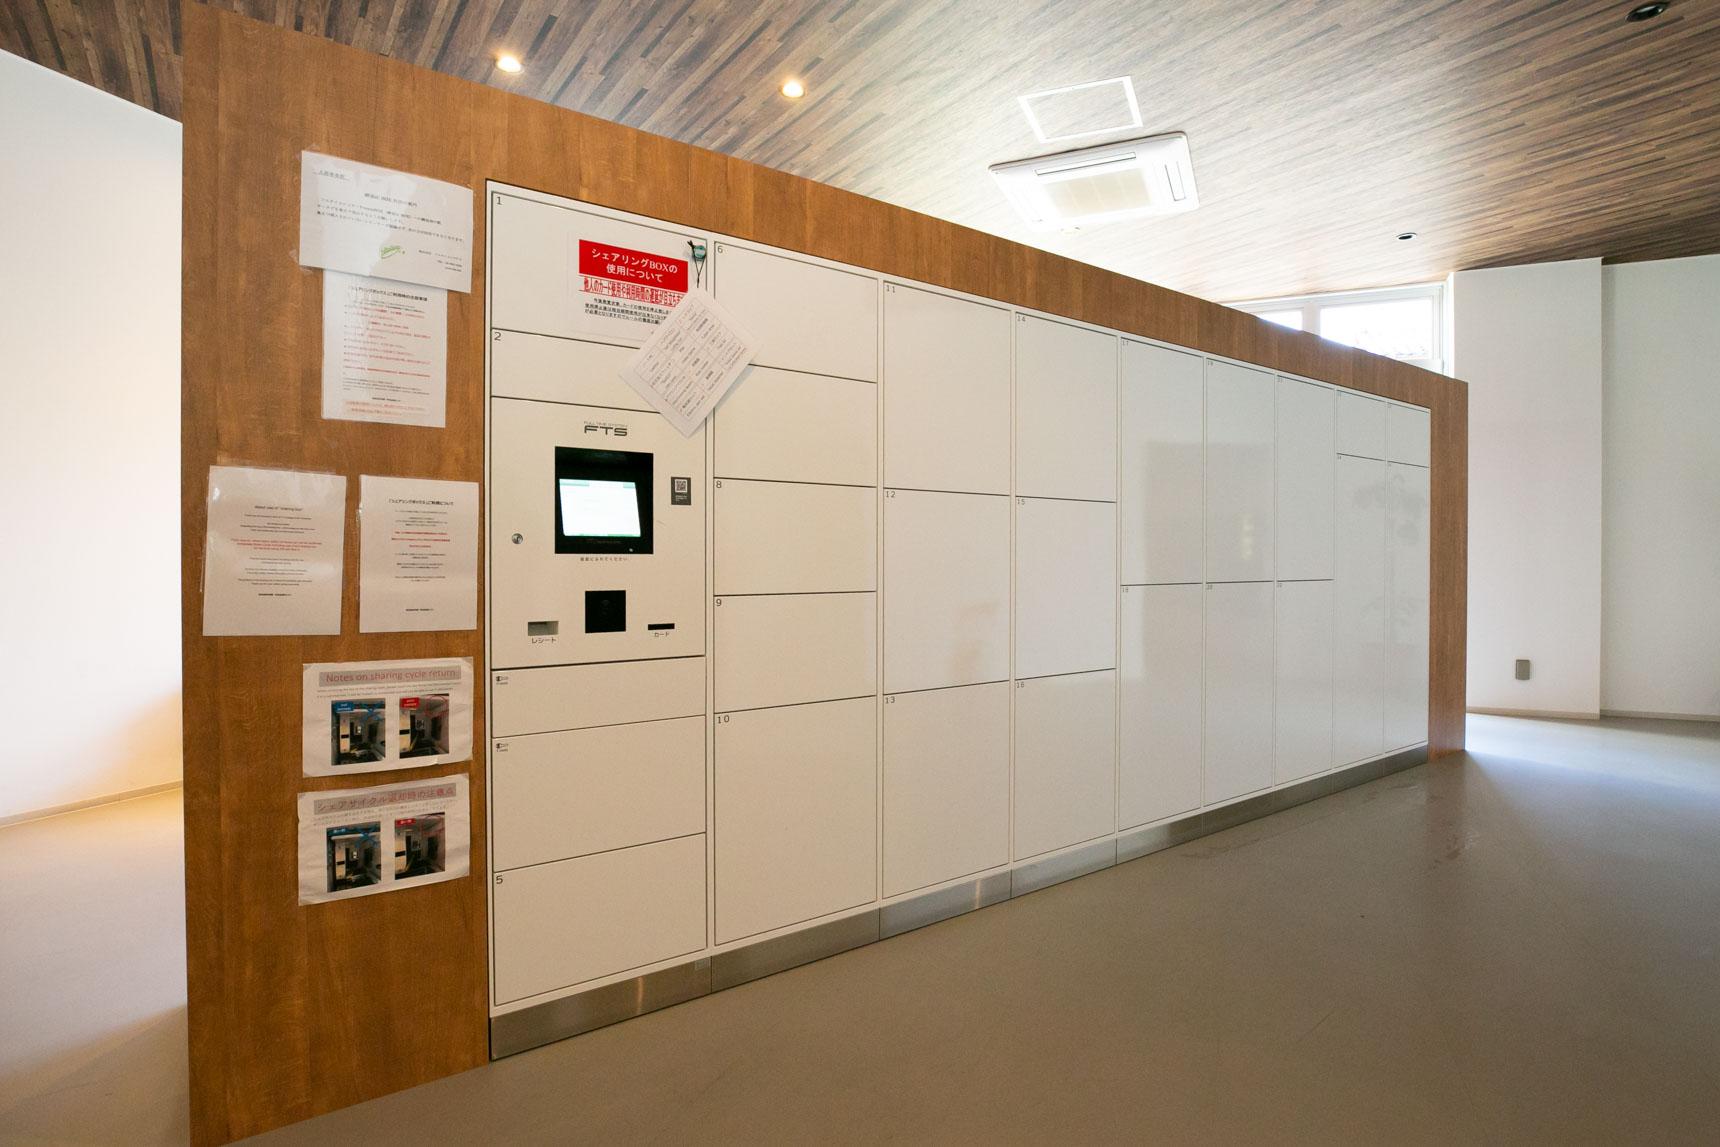 それがこの、食堂の片隅に存在するかっこいい設備、「シェアリングボックス」です。